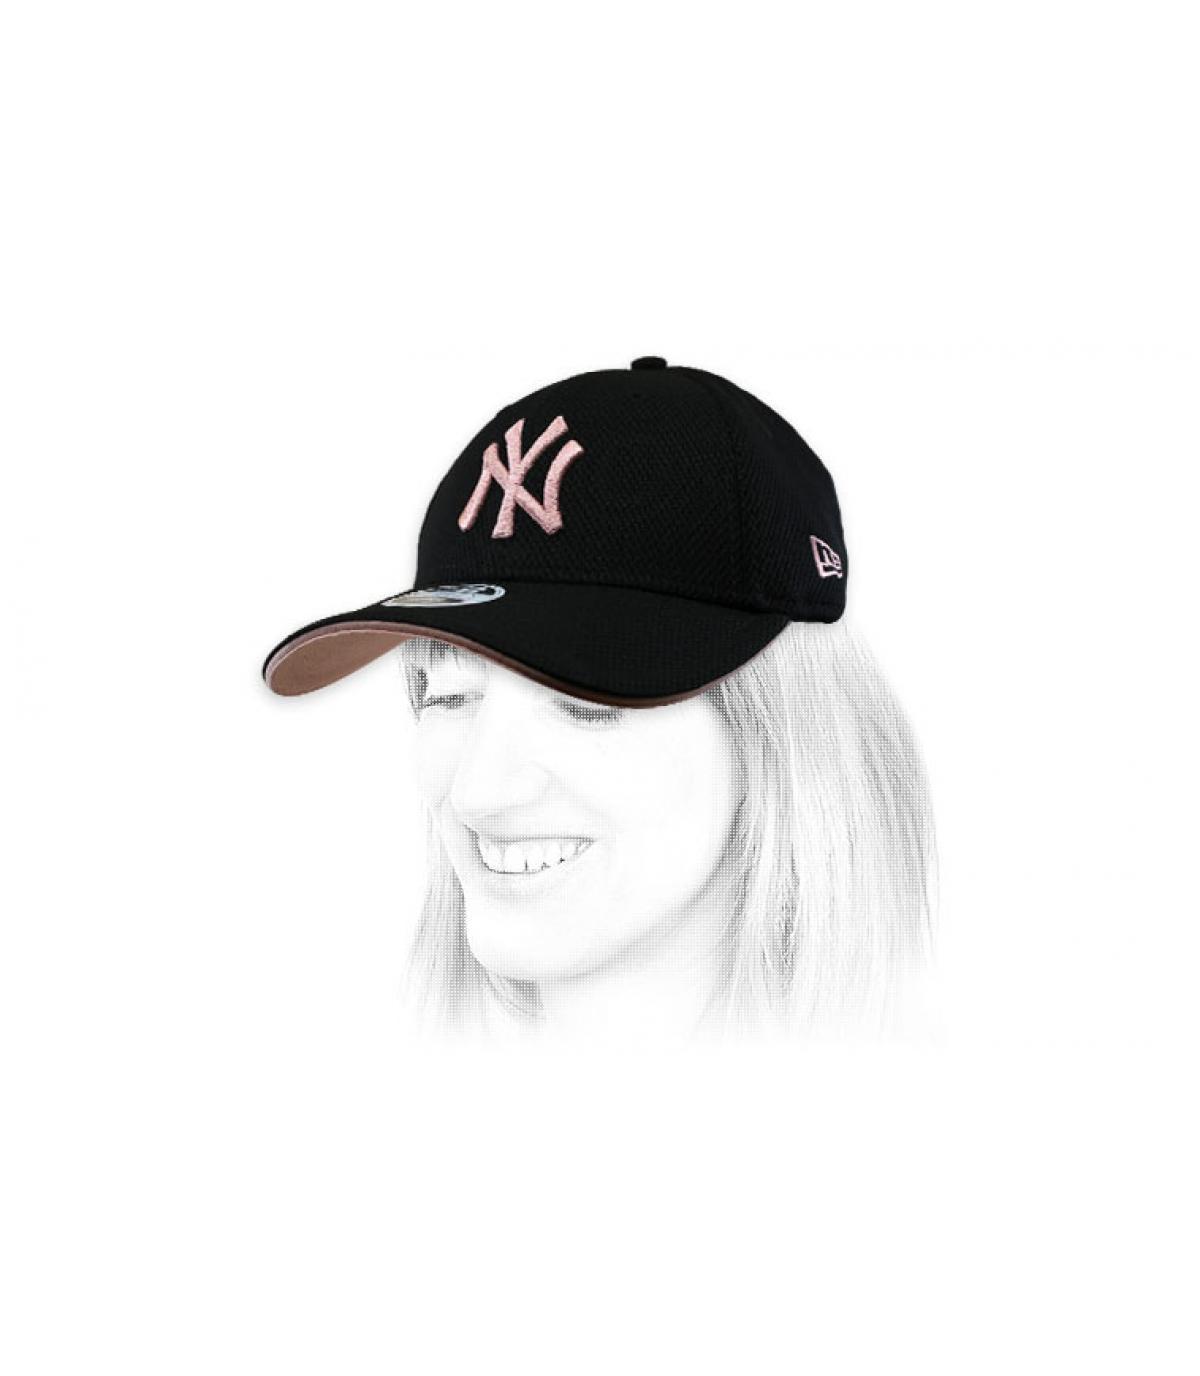 gorra mujer NY negro rosa